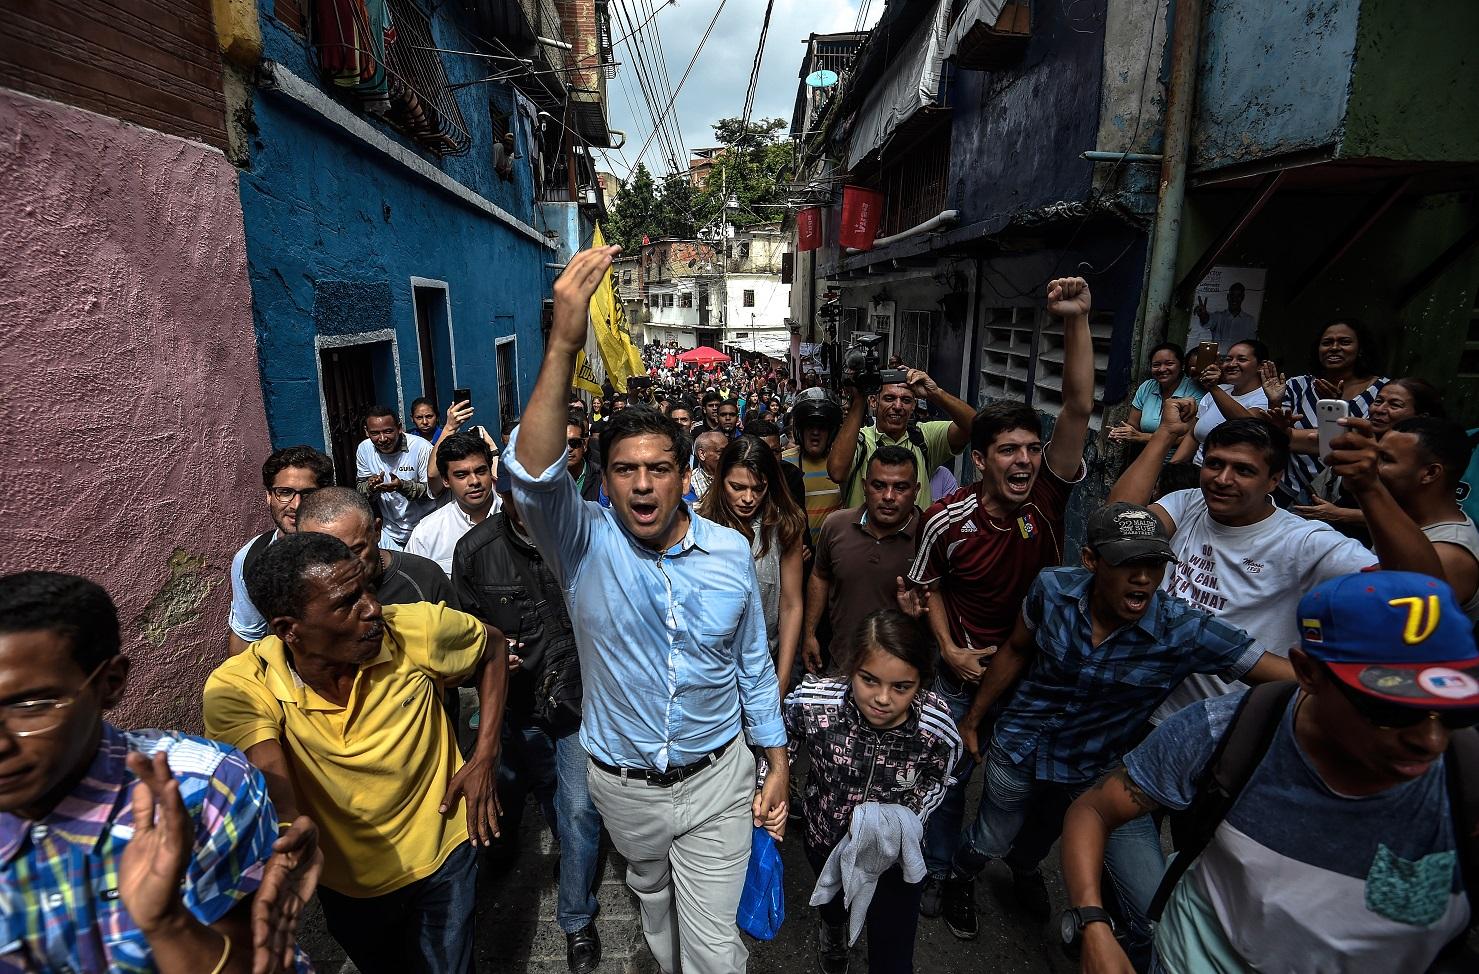 O candidato de oposição ao governo Carlos Ocariz (C) faz campanha no Centro de Caracas. Foto Juan Barreto/AFP